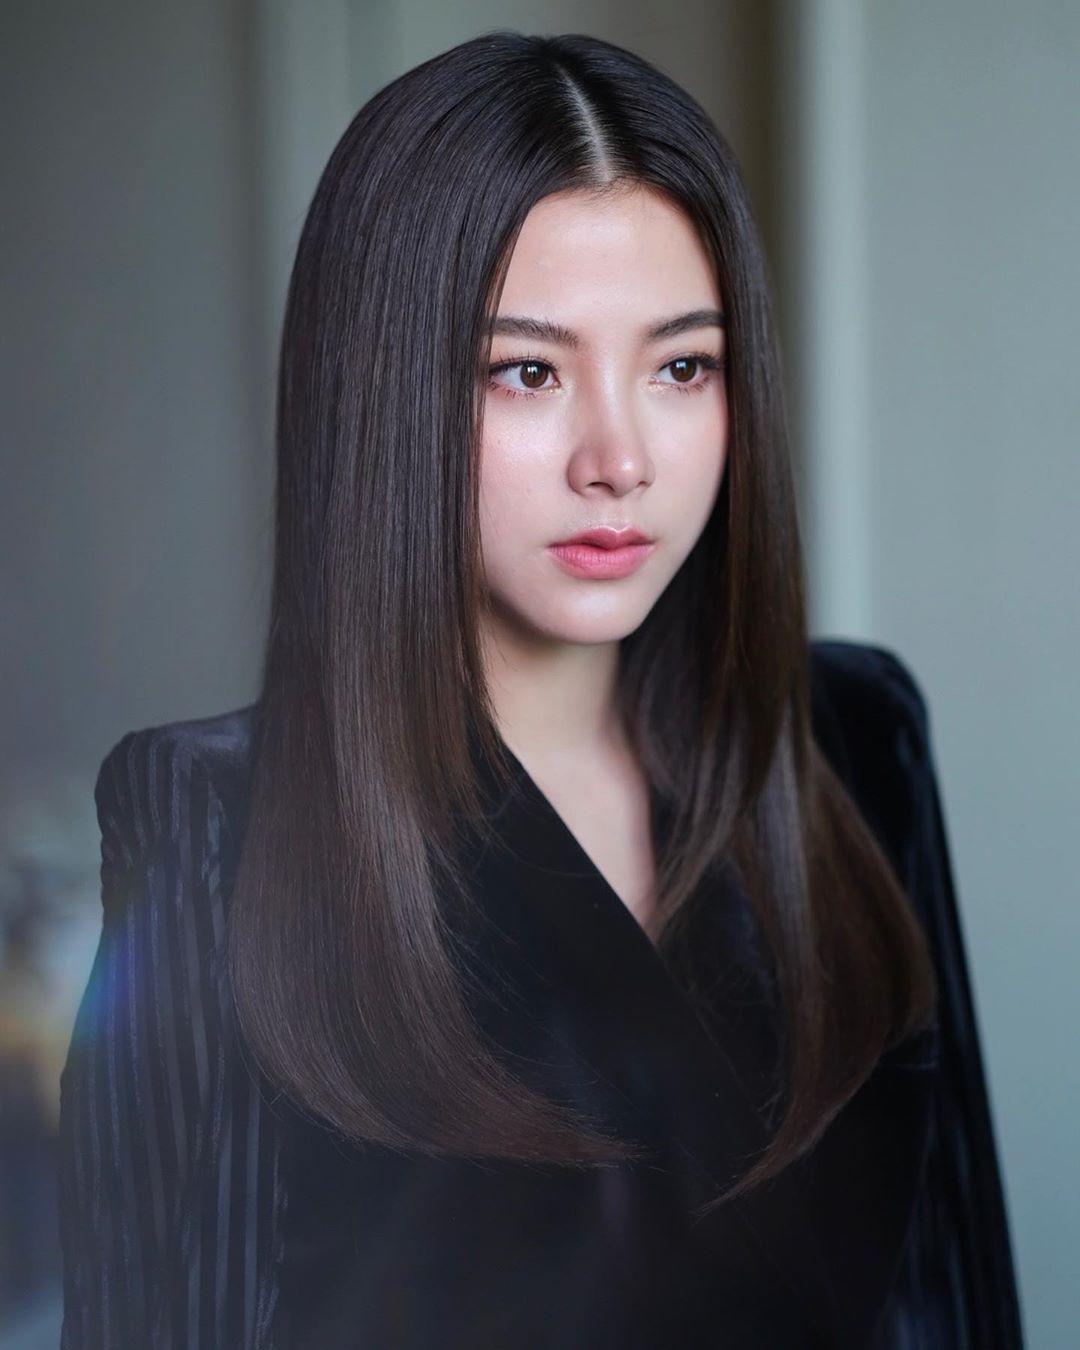 """Nữ chính """"Chiếc Lá Bay"""" Baifern Pimchanok: mỹ nhân """"cân"""" mọi kiểu tóc, nhìn  thế nào cũng thấy xinh bá đạo"""